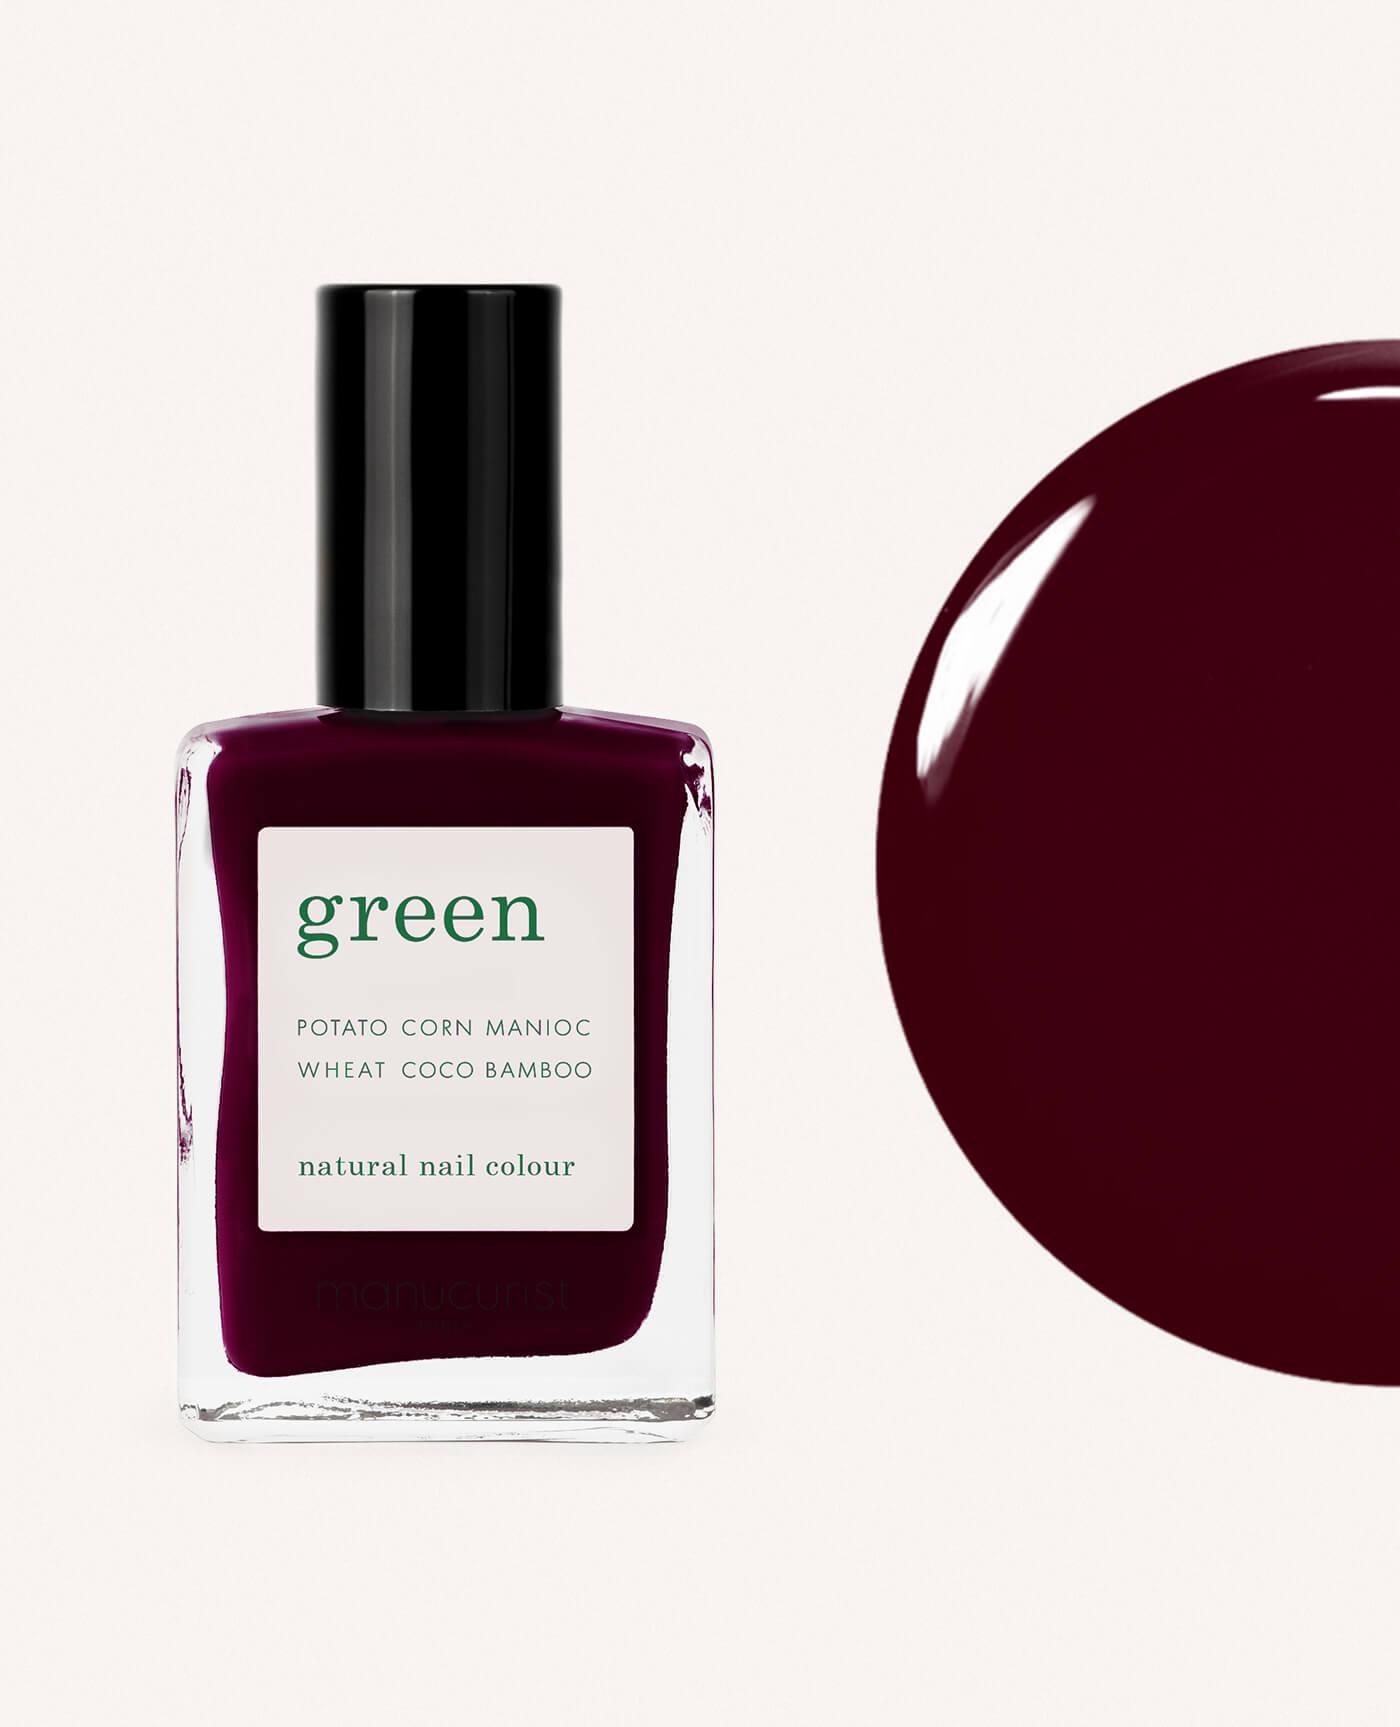 vernis à ongles bio green de la marque Manucurist made in france de couleur bordeaux hollyhock